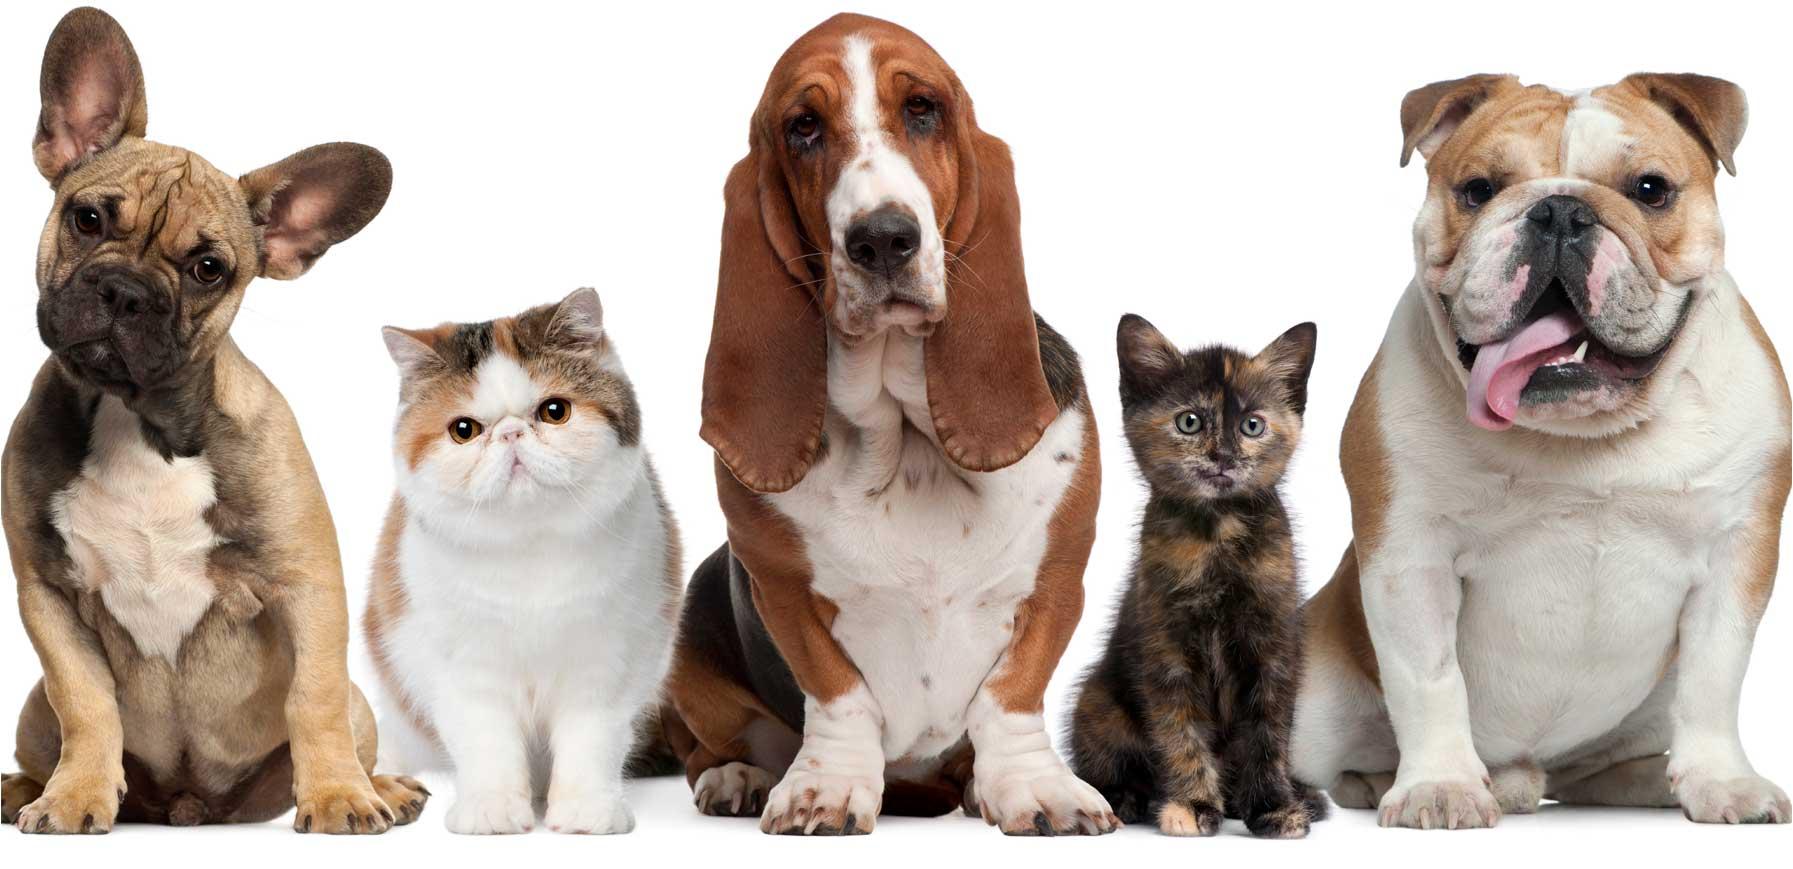 a mascota dentro de la zona protegida o el área a vigilar y los que podrían venir a consecuencia de la entrada de un intruso